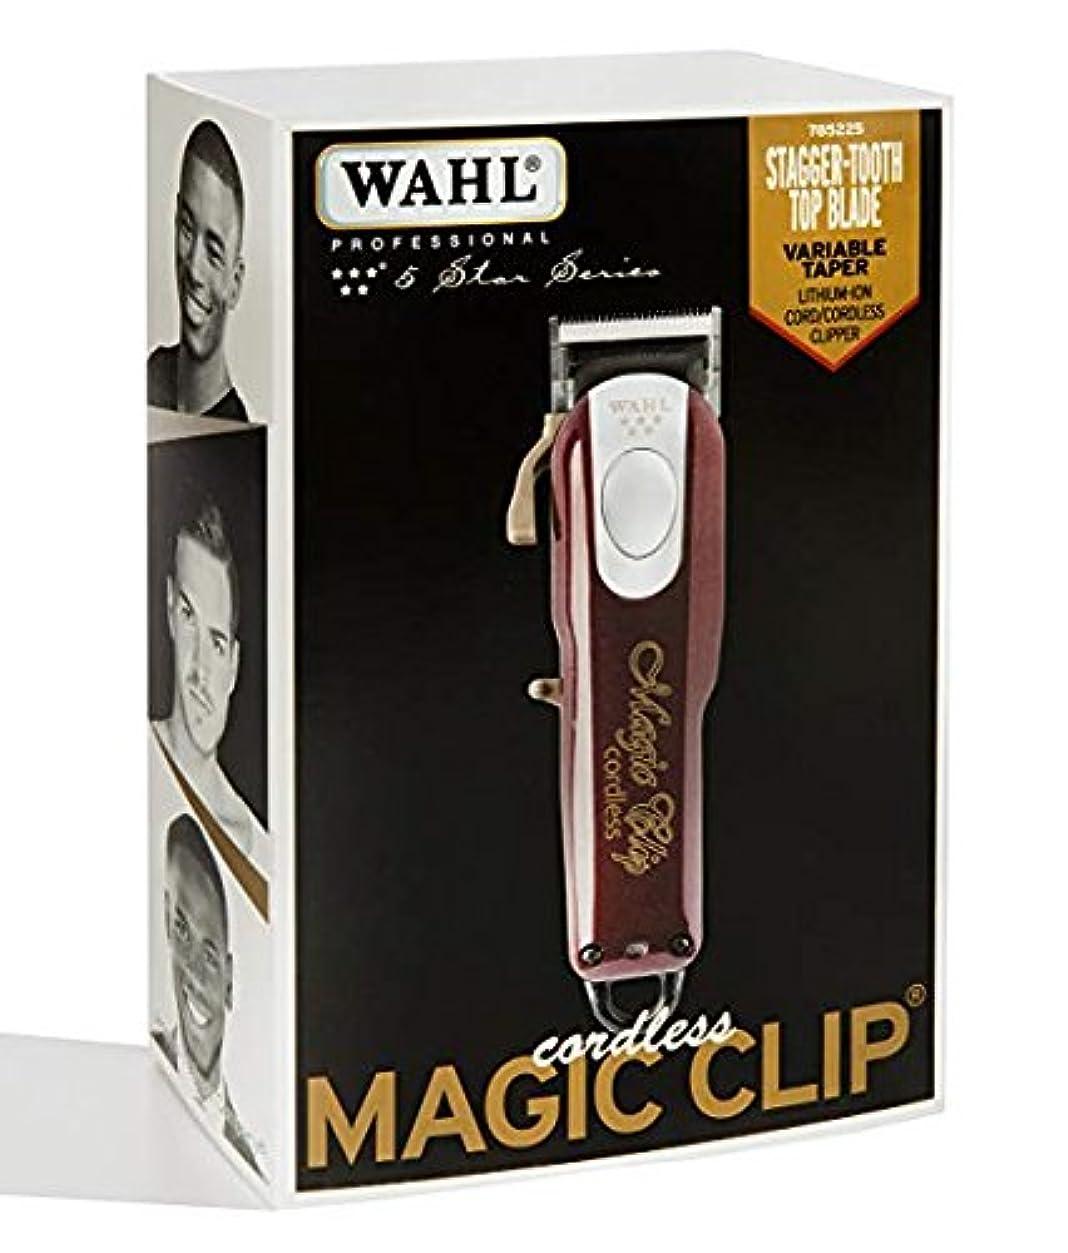 プロテスタント年ディーラー[Wahl] [すばらしいです 専用 理髪店とスタイリスト - 90分以上の実行時間 / Professional 5-Star Cord/Cordless Magic Clip #8148] (並行輸入品)